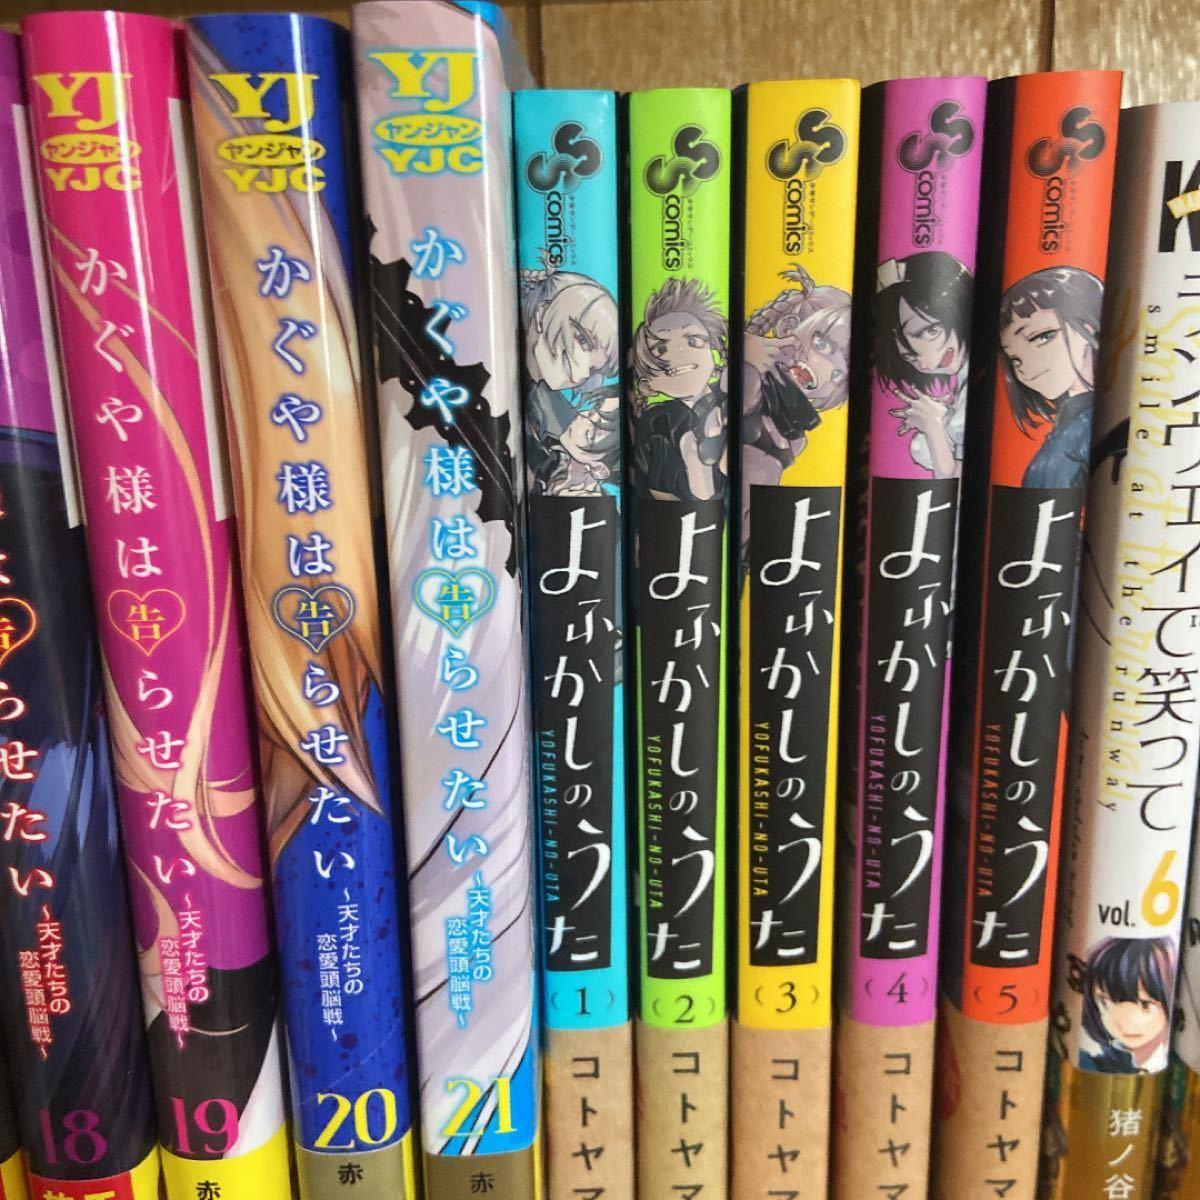 全巻初版!よふかしのうた 全巻 1〜5